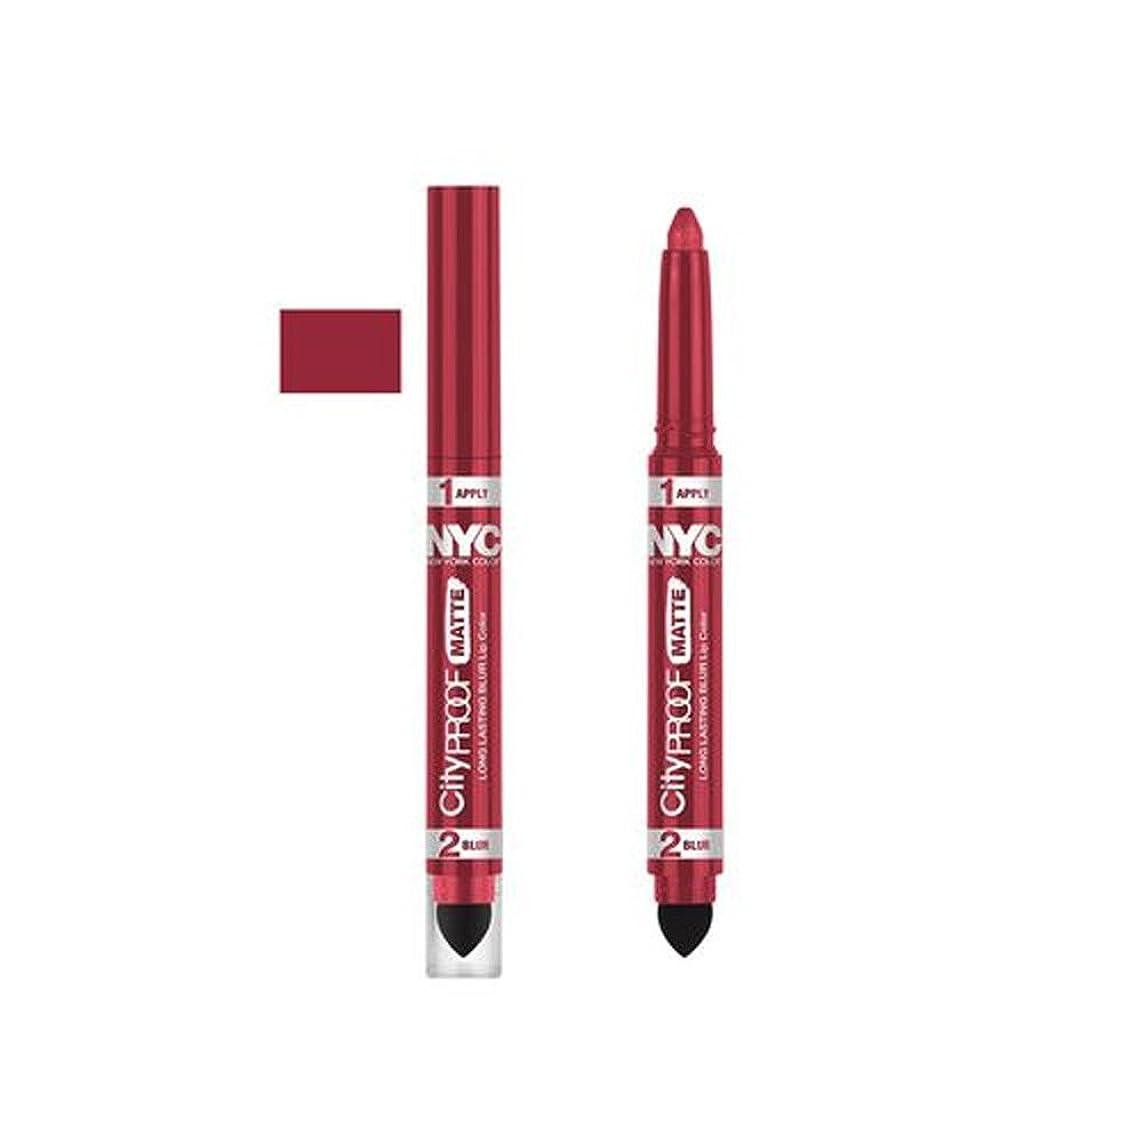 熱心な勧告重量(3 Pack) NYC City Proof Matte Blur Lip Color - Red High Line (並行輸入品)